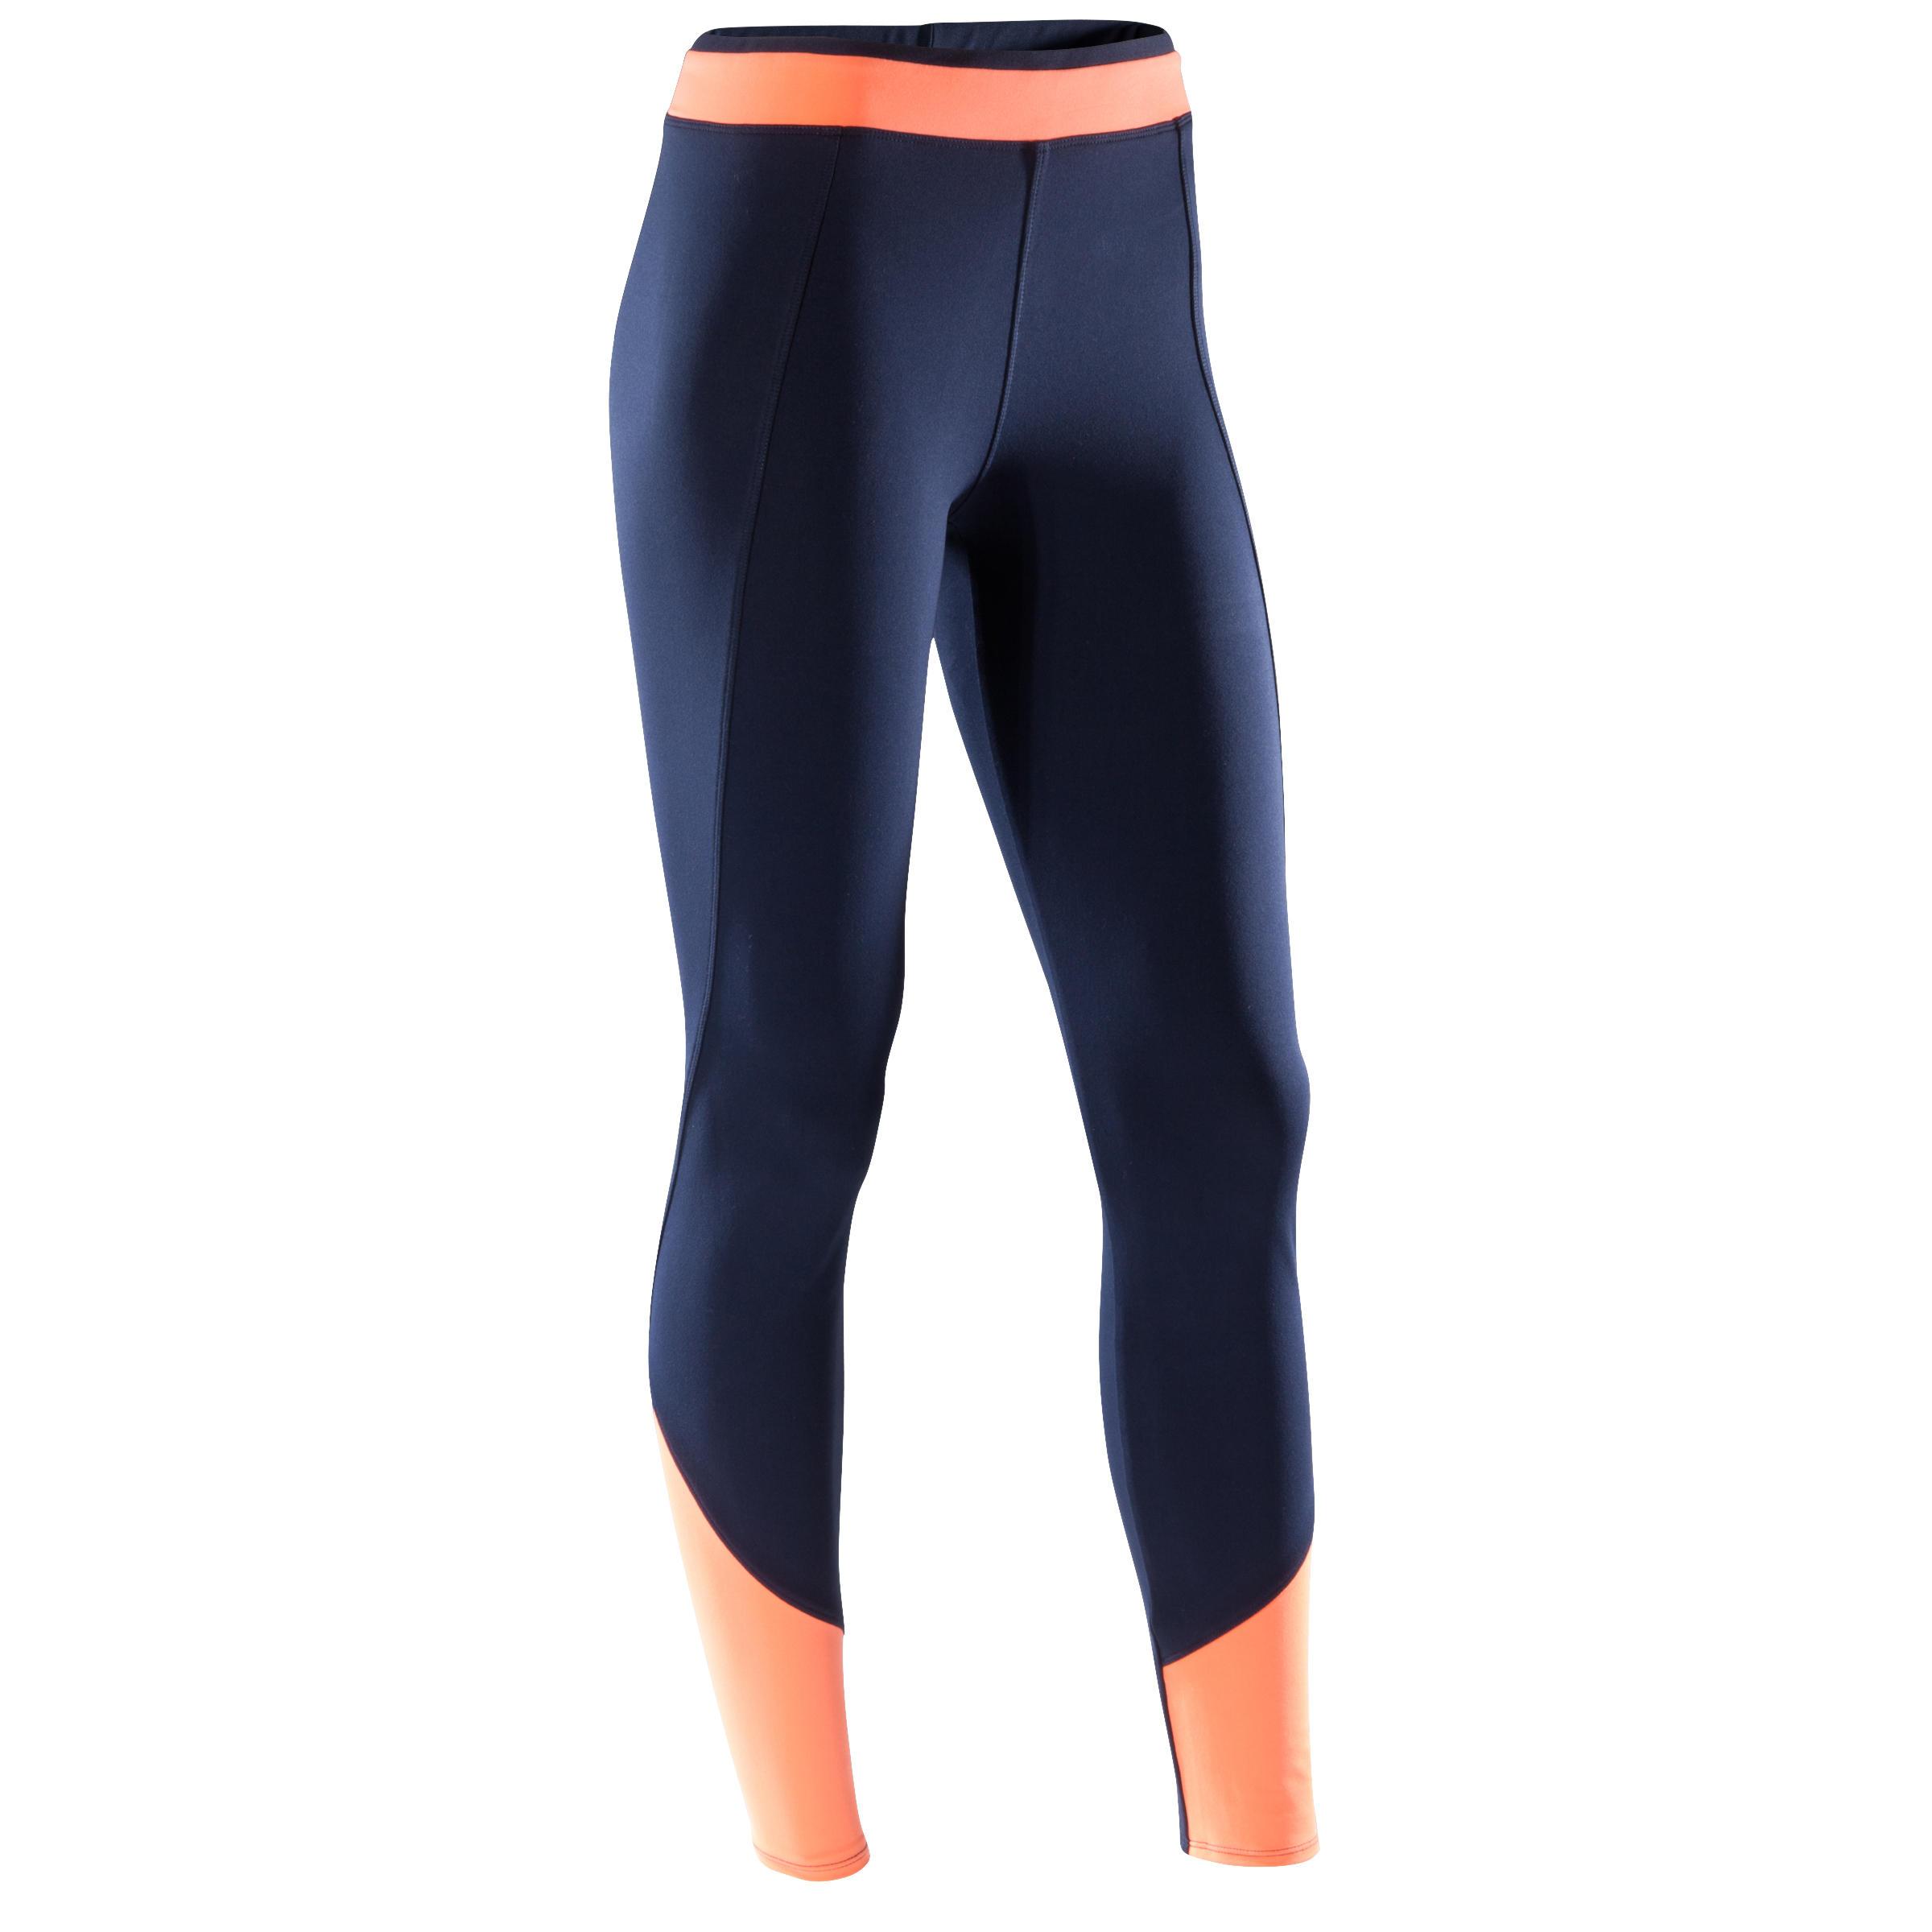 Domyos Fitness legging voor dames 120, blauw en oranje